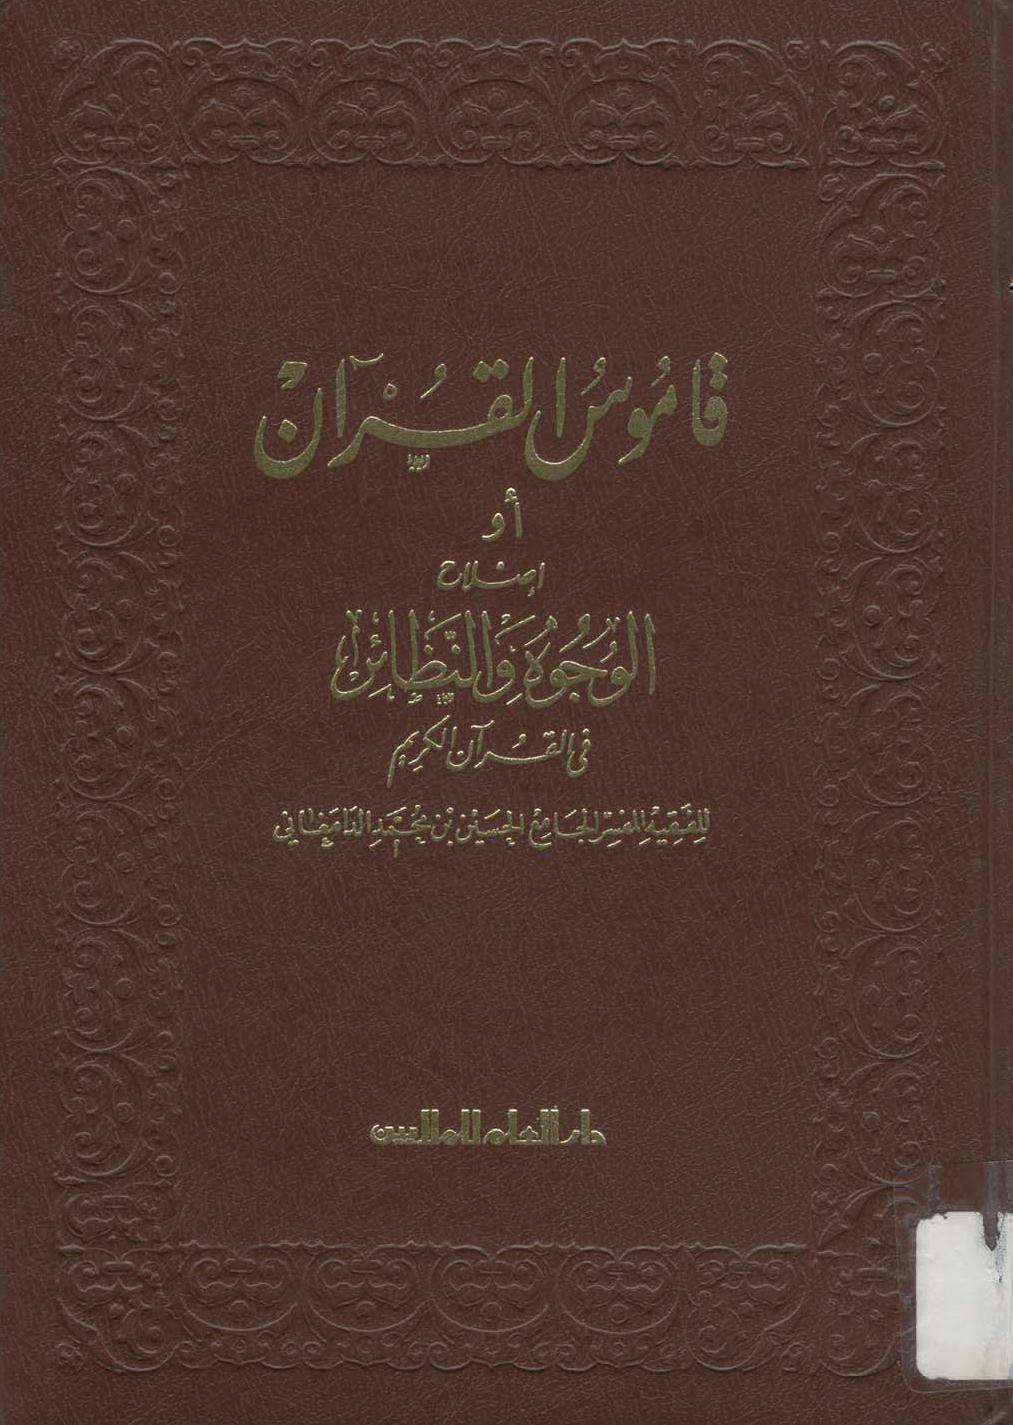 تحميل كتاب قاموس القرآن (إصلاح الوجوه والنظائر في القرآن الكريم) لـِ: الإمام أبو عبد الله الحسين بن محمد الدامغاني (ت 478)